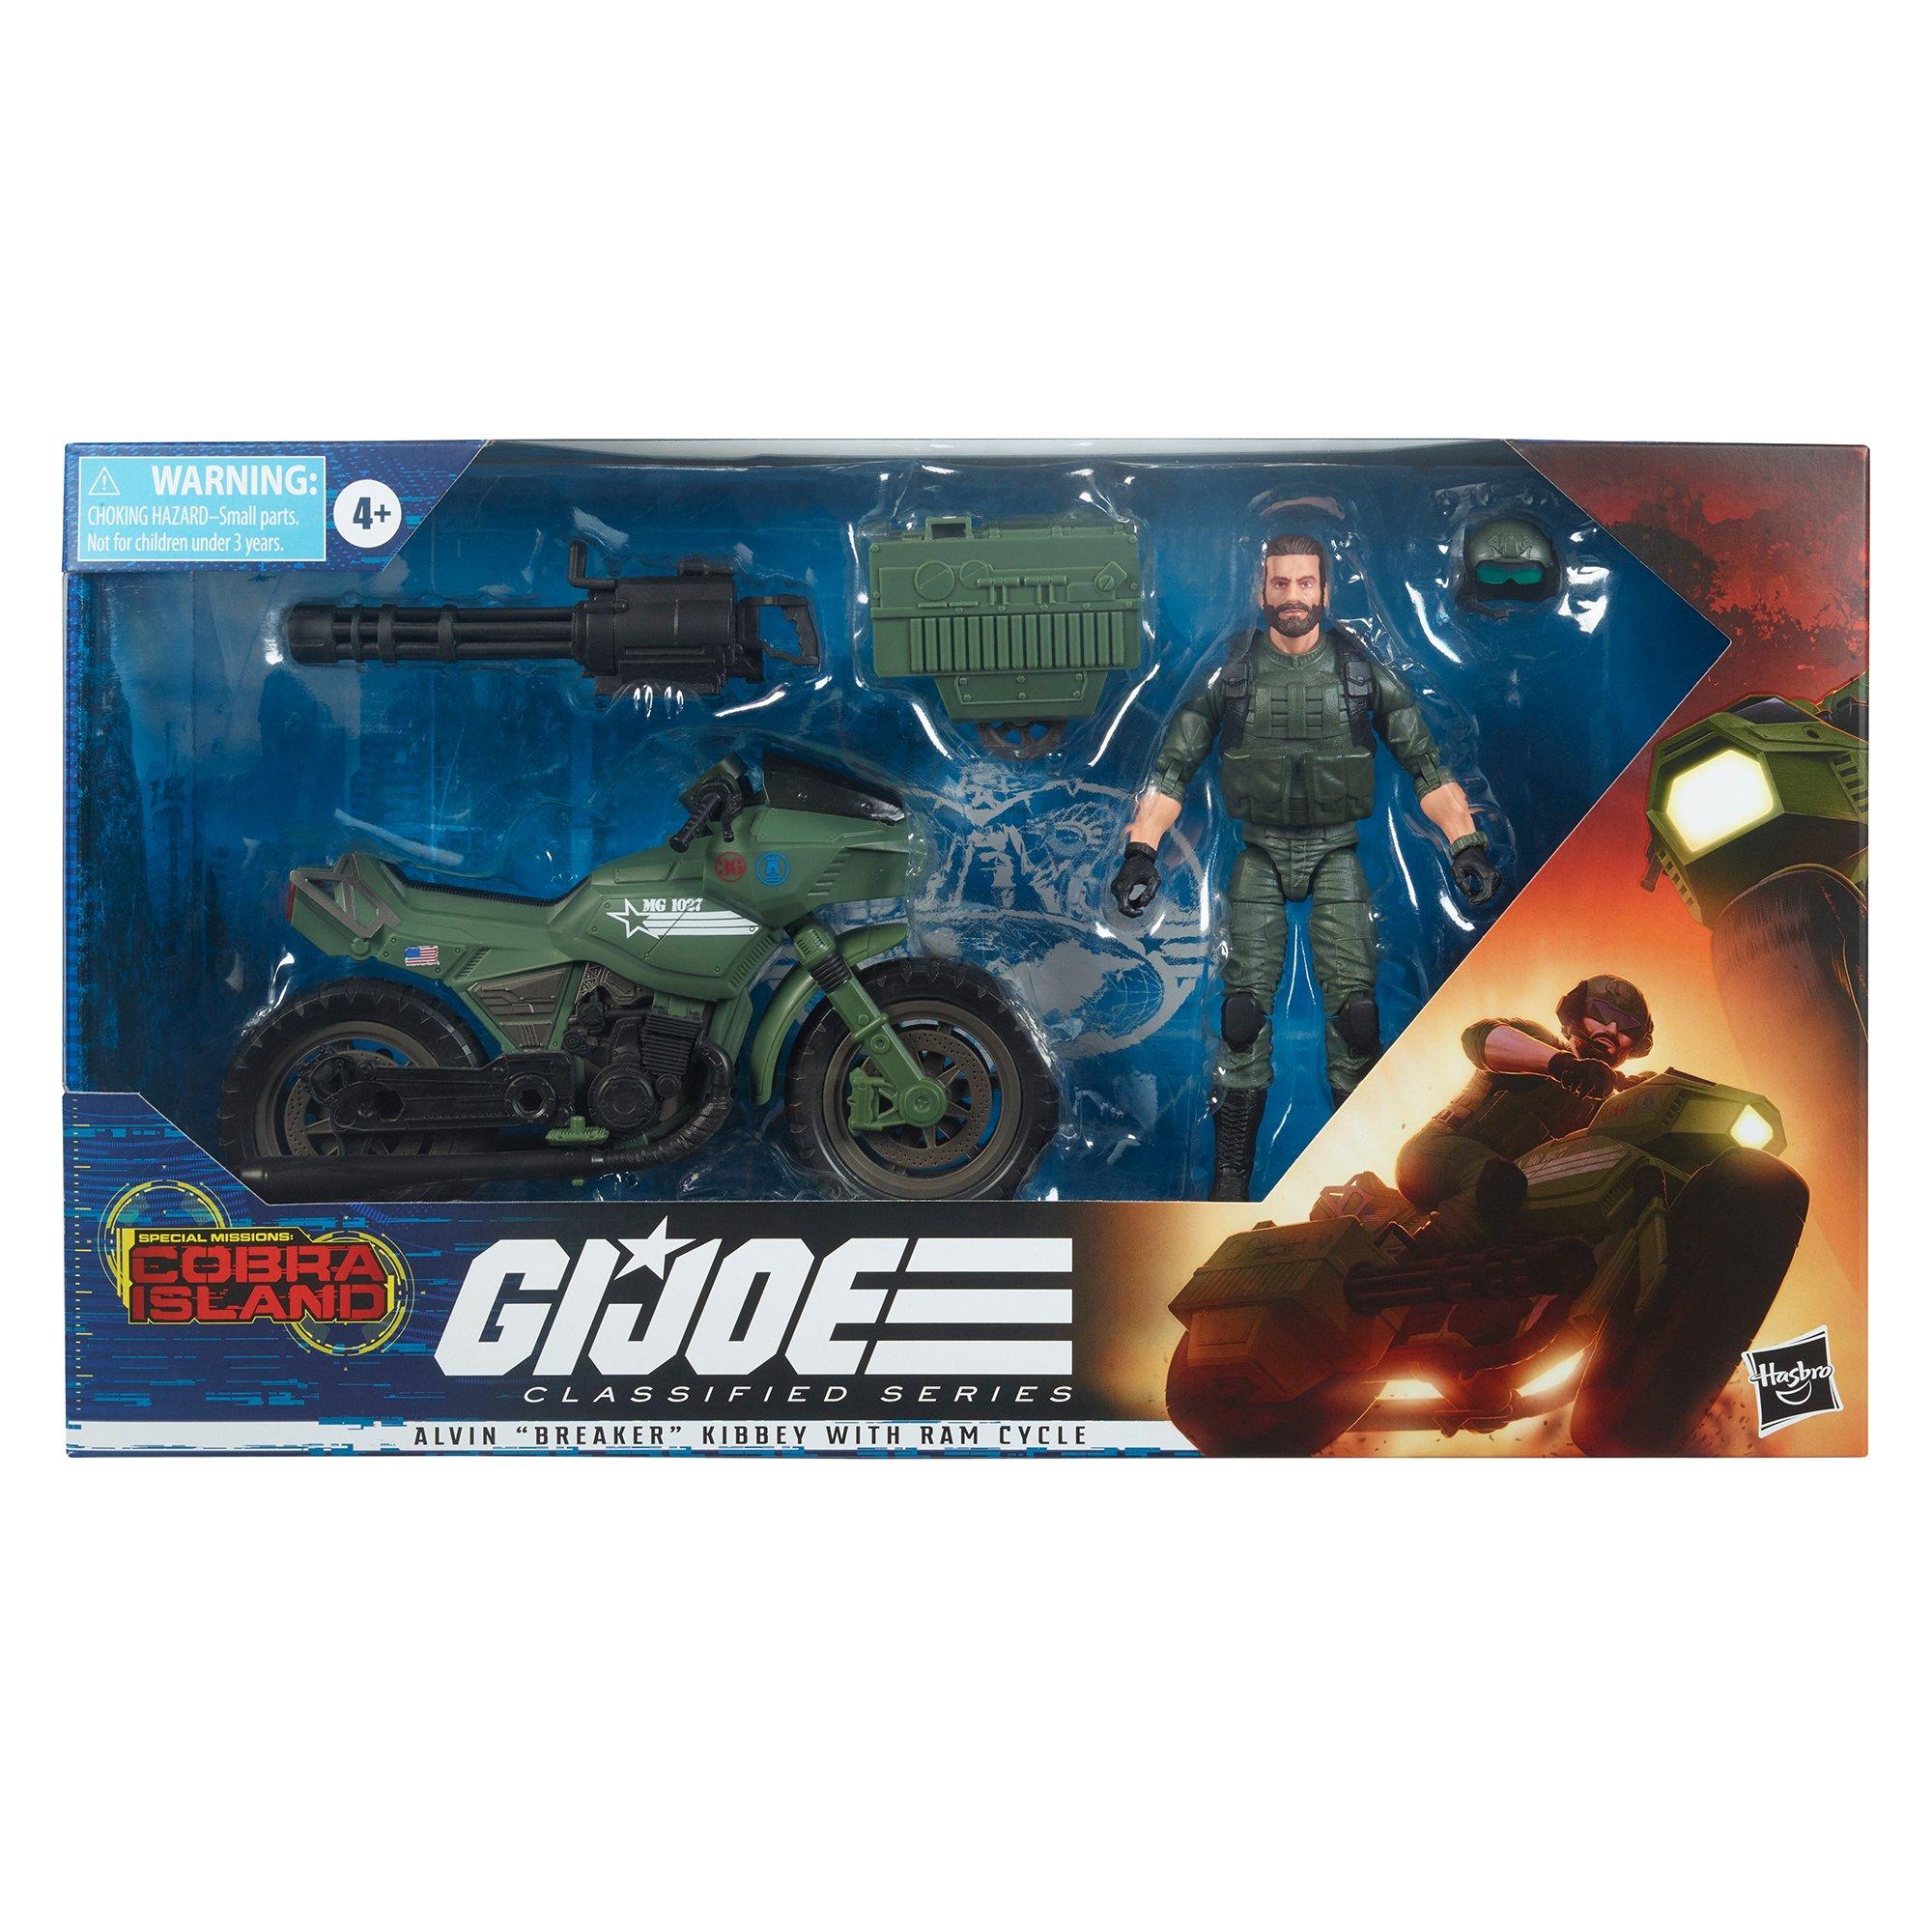 G.I. Joe Classified Series Breaker Action Figure画像